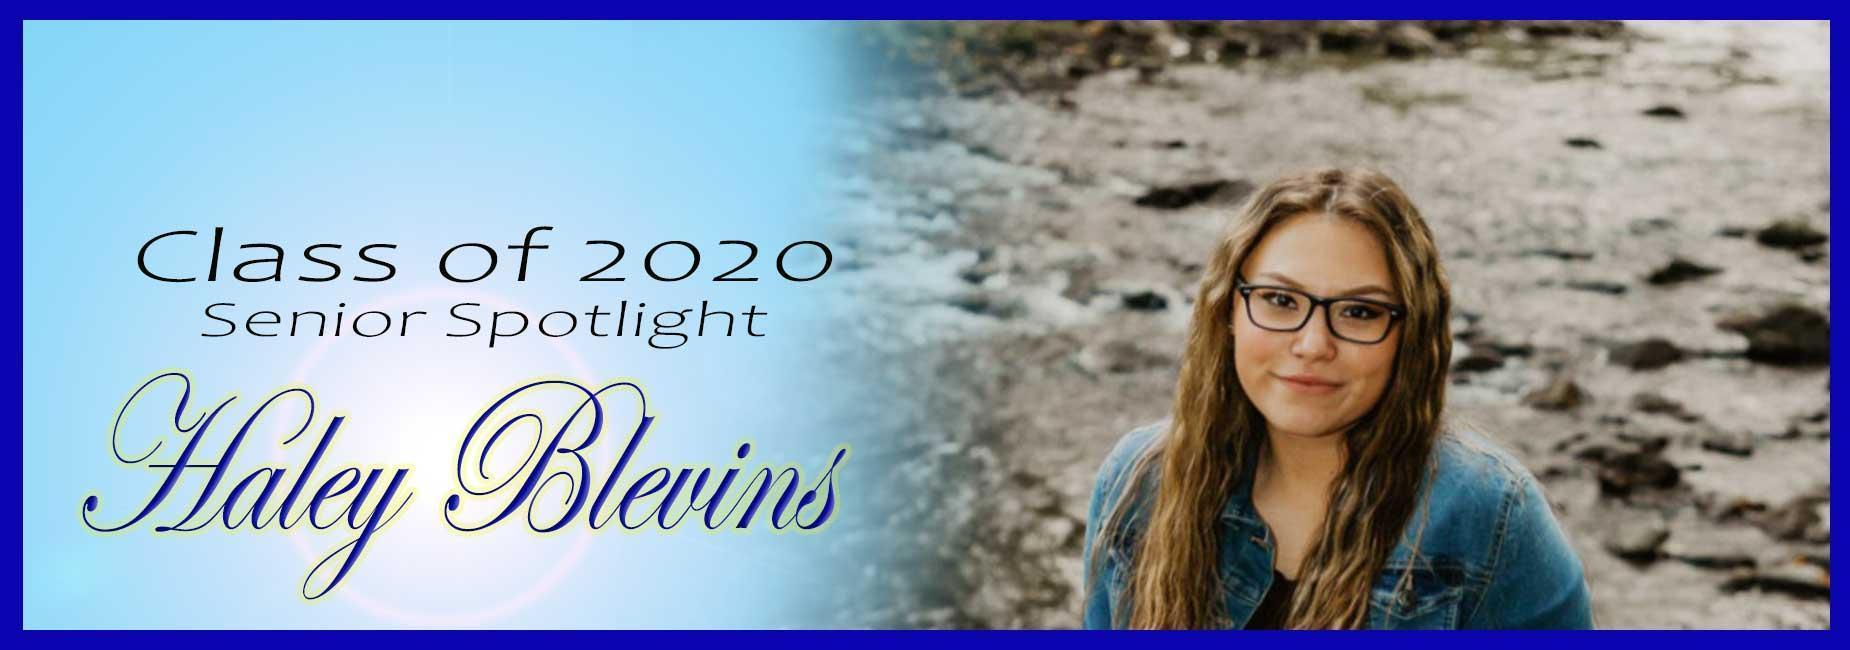 Senior Spotlight Haley Blevins